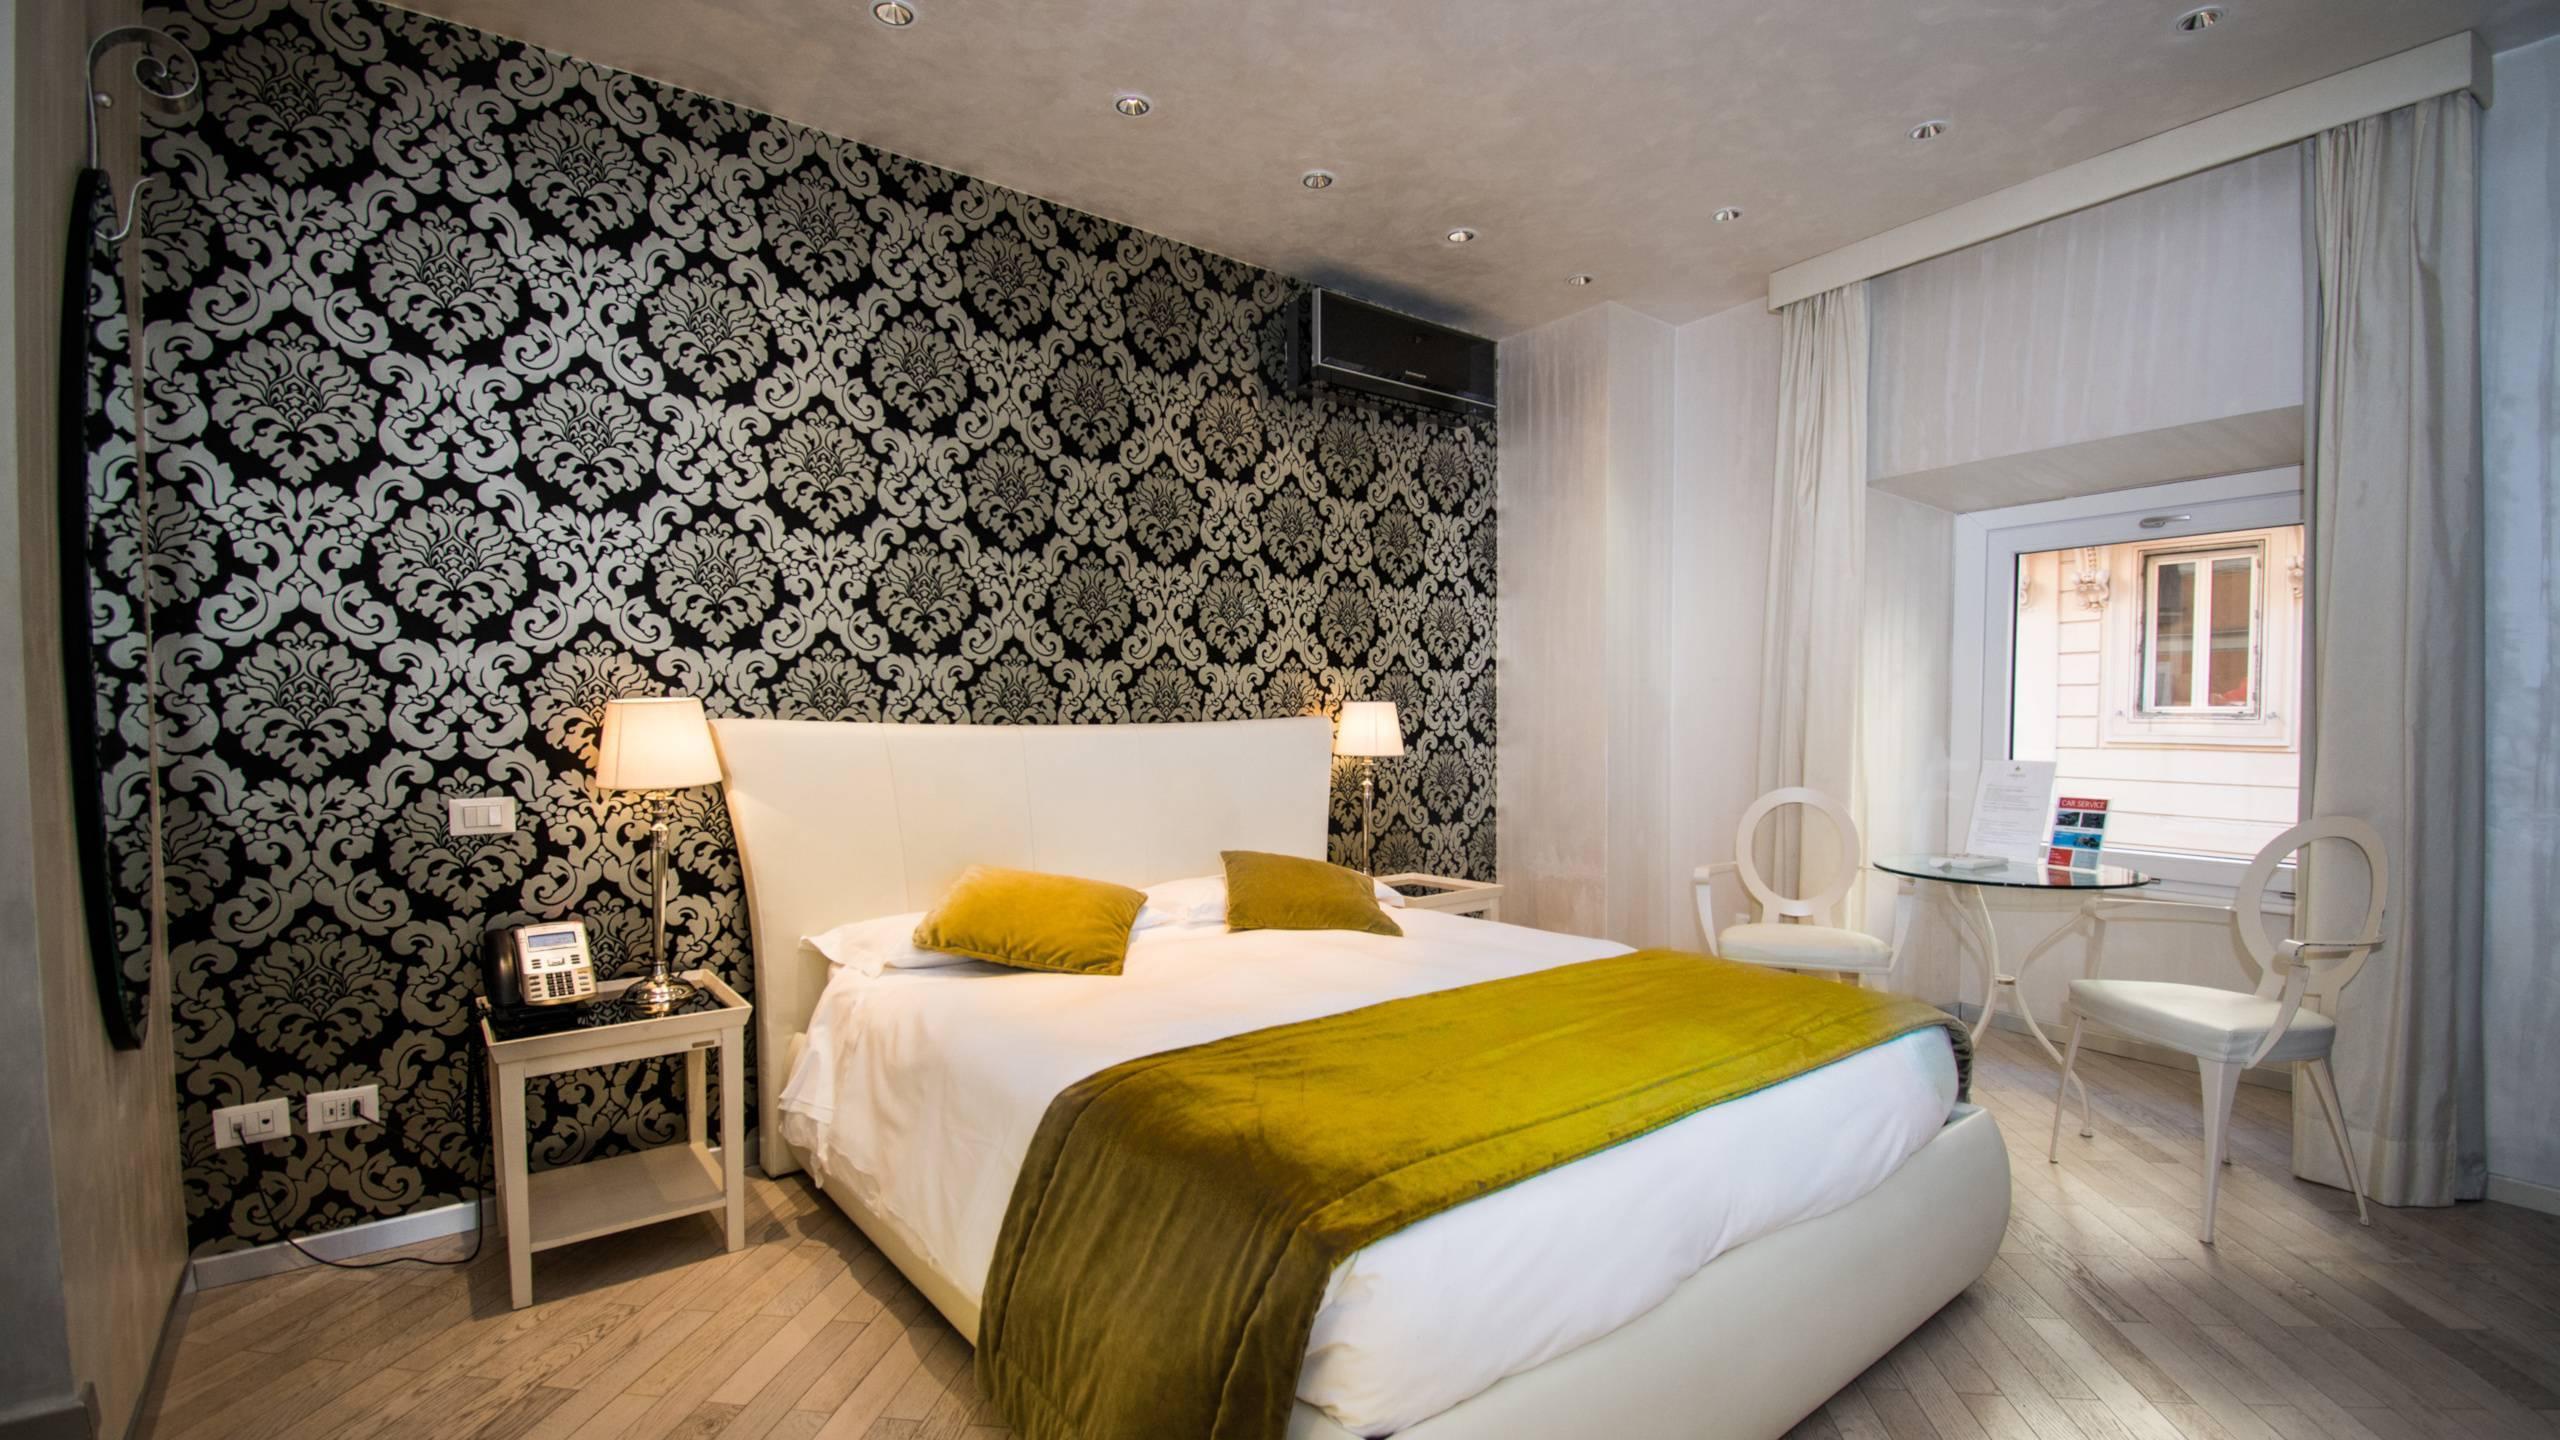 LBH-Hotel-Caravita-roma-junior-suite-3